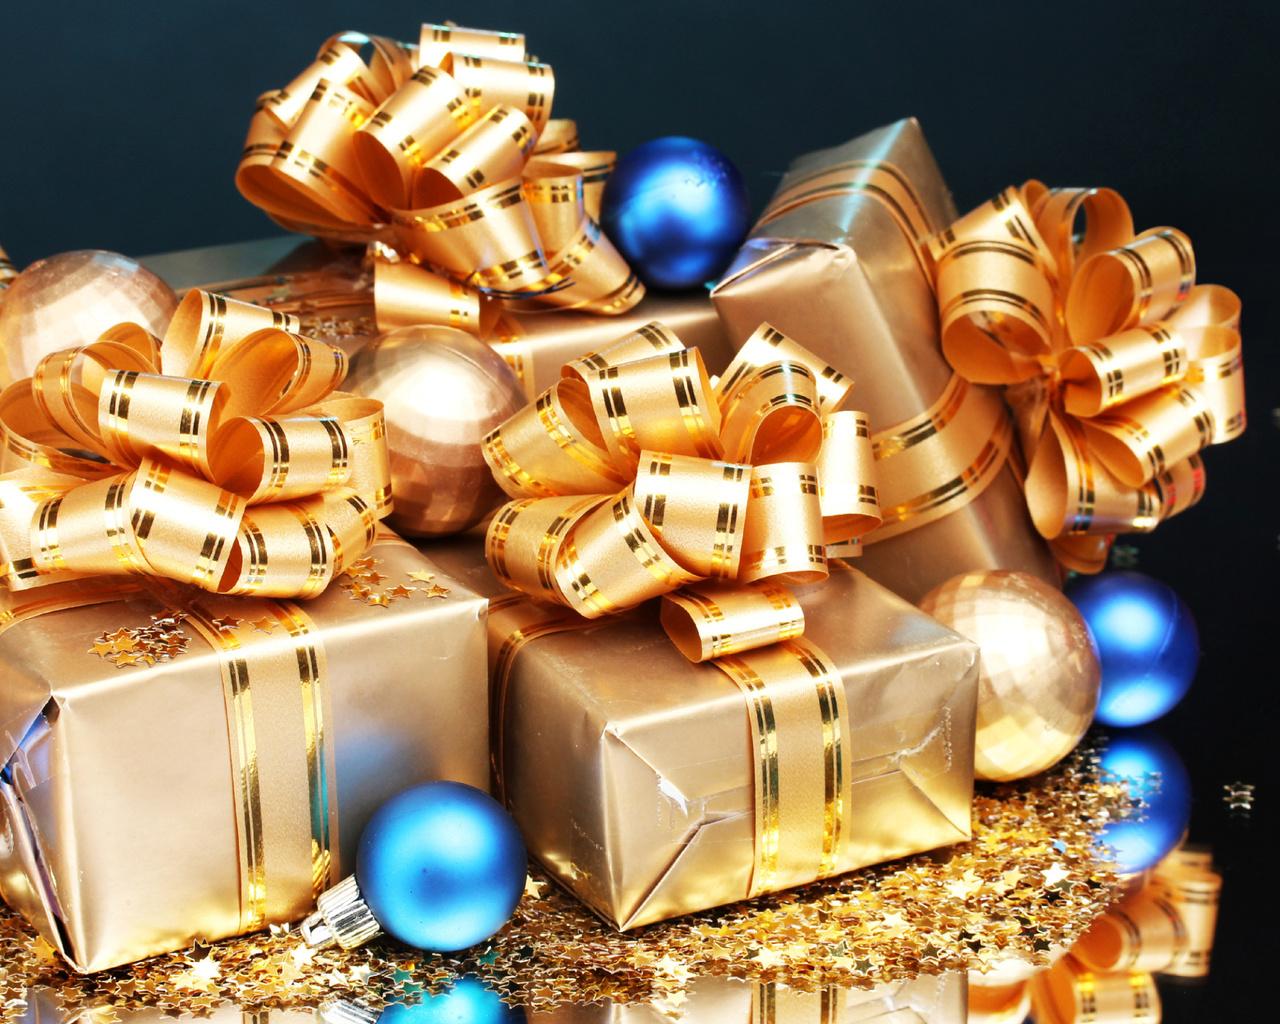 обои для рабочего стола, новогодние, подарки, звездочки, отражение, шары, новый год, подарок, новый год, звезда. звезды, бантик, блеск